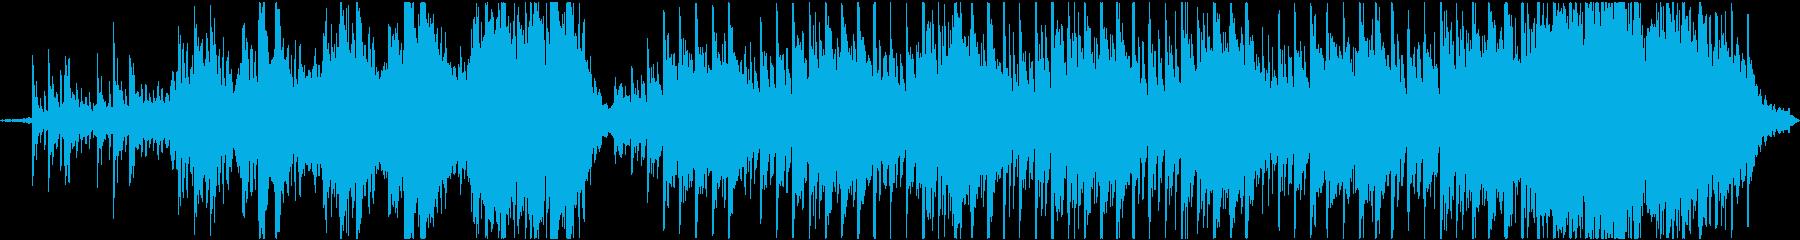 現代の交響曲 クラシック交響曲 感...の再生済みの波形